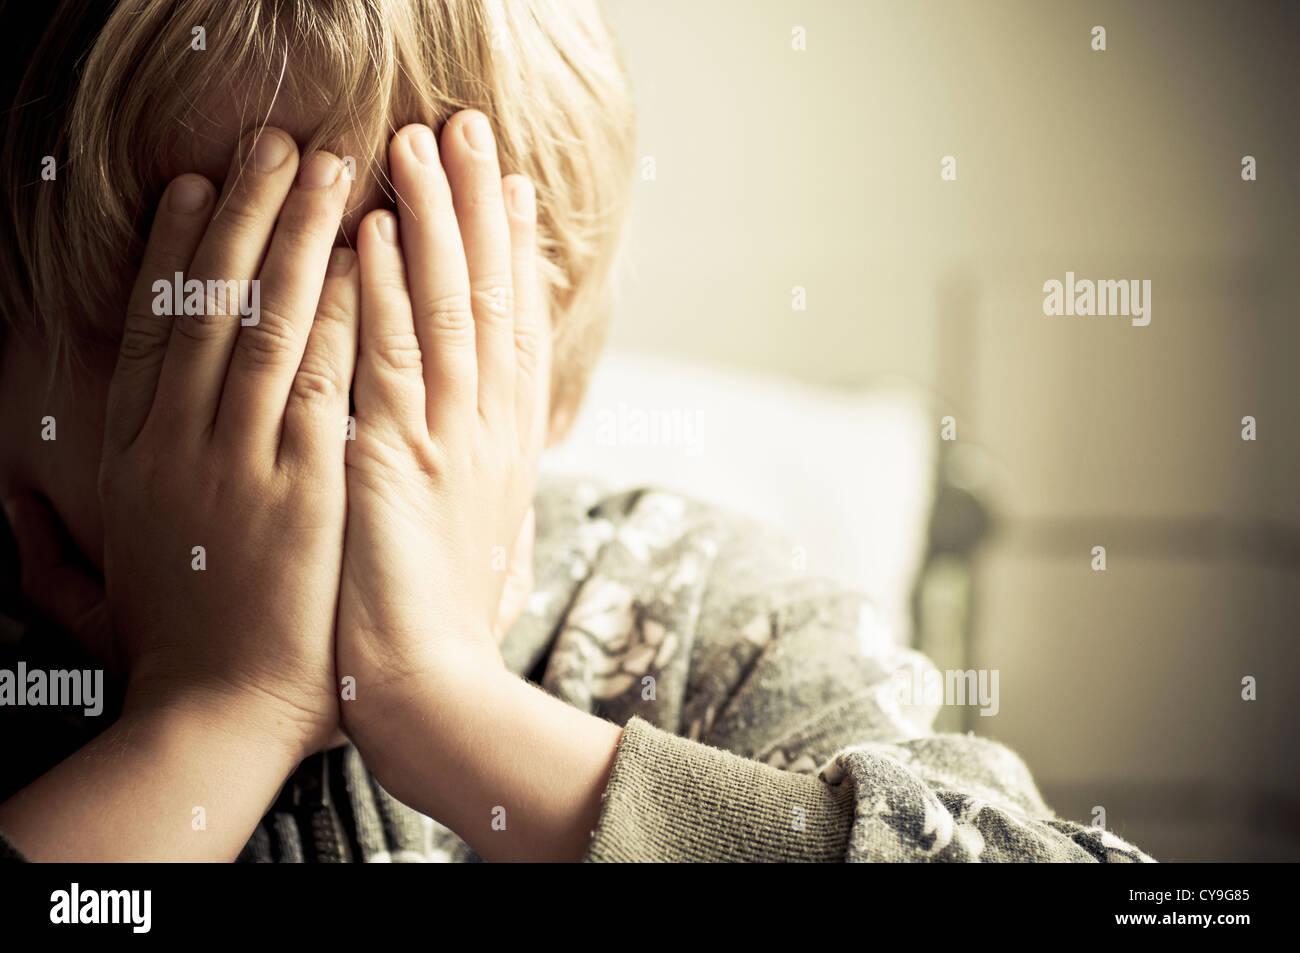 Child crying - Stock Image